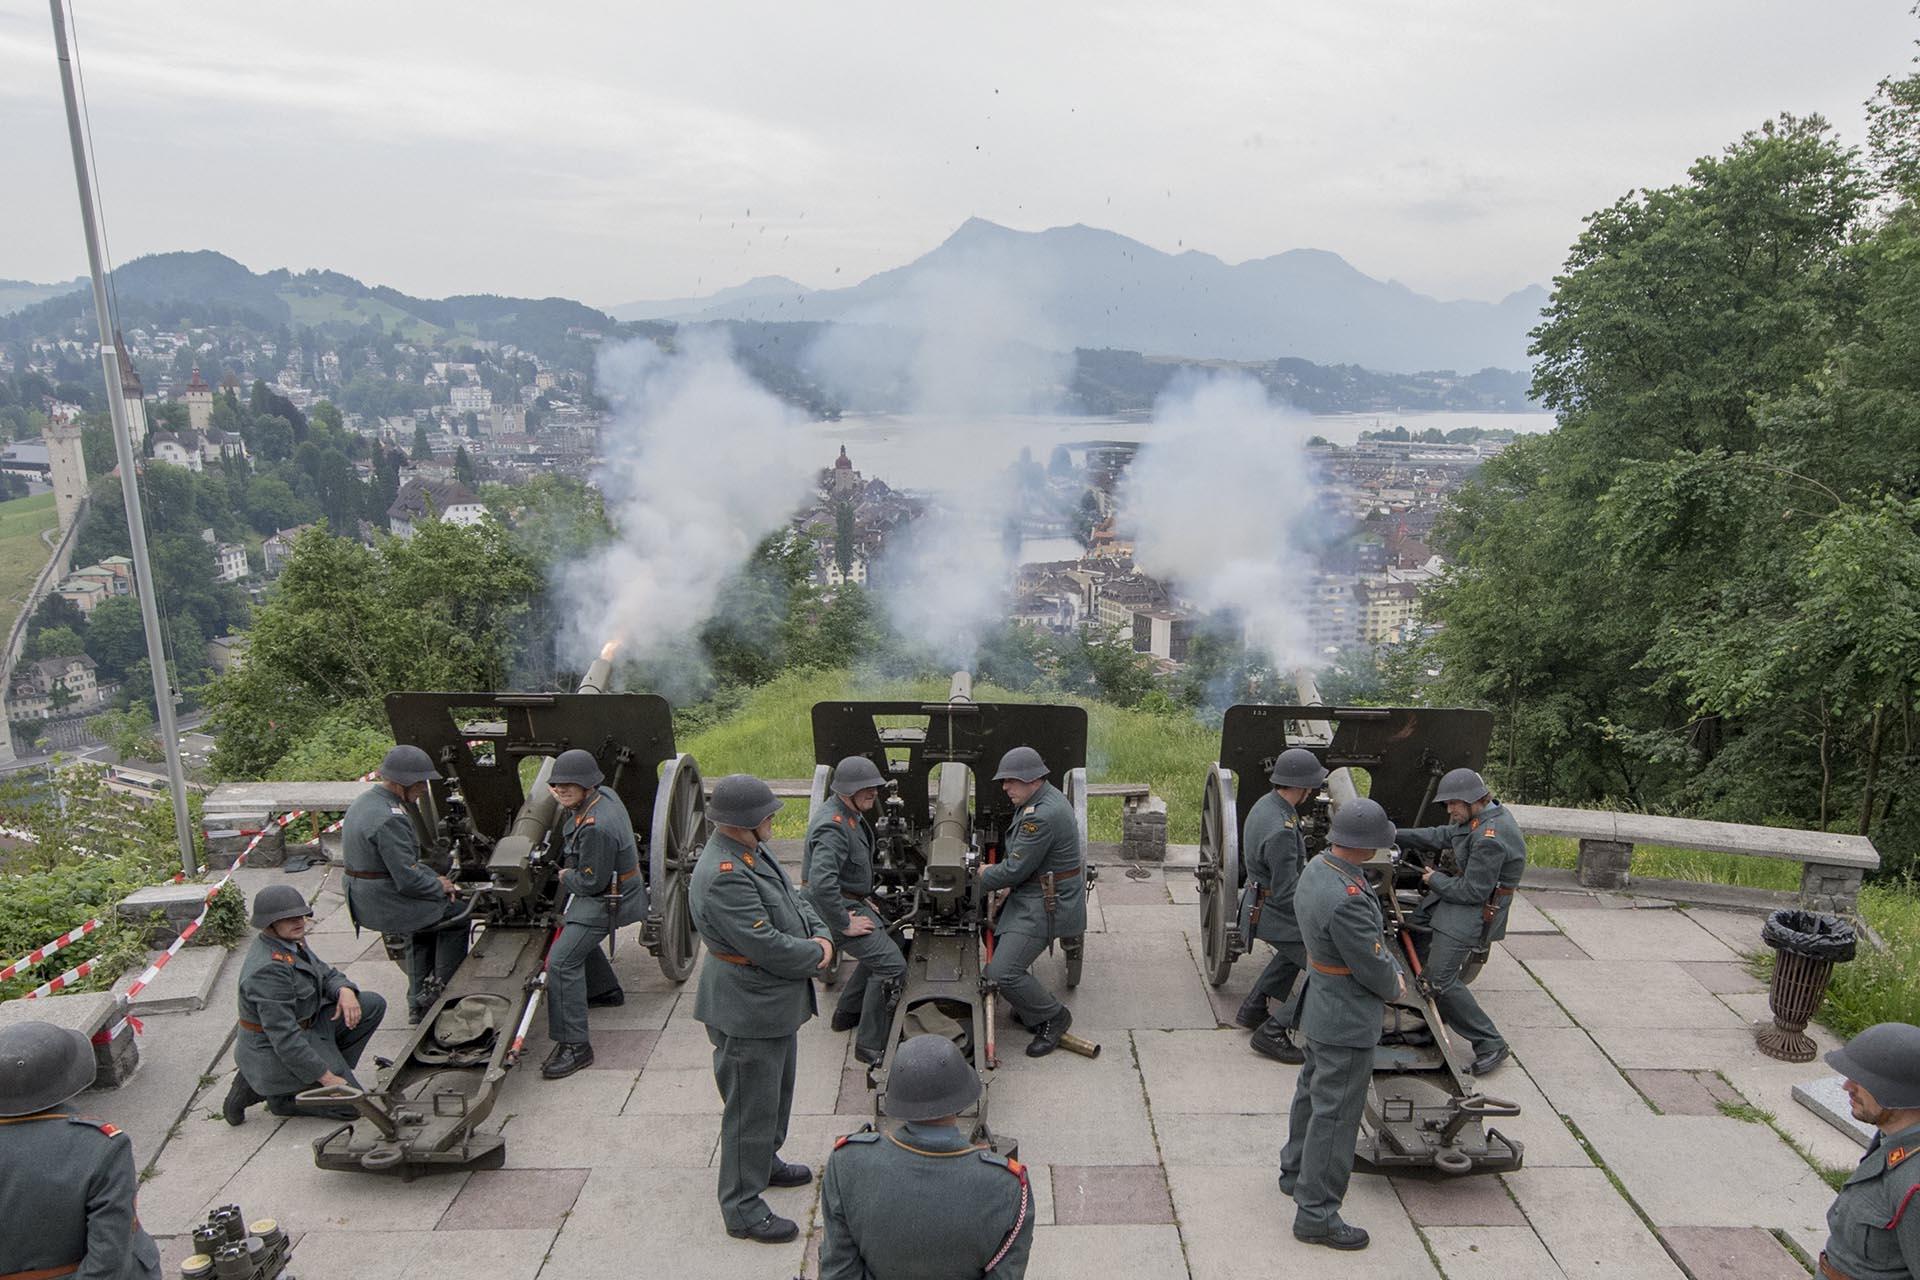 """Los artilleros """"Herrgottskanoniere Luzern"""" lanzan un saludo de doce cañones para anunciar la Fiesta de Corpus Christi, en la colina Guetsch sobre Lucerna, Suiza"""